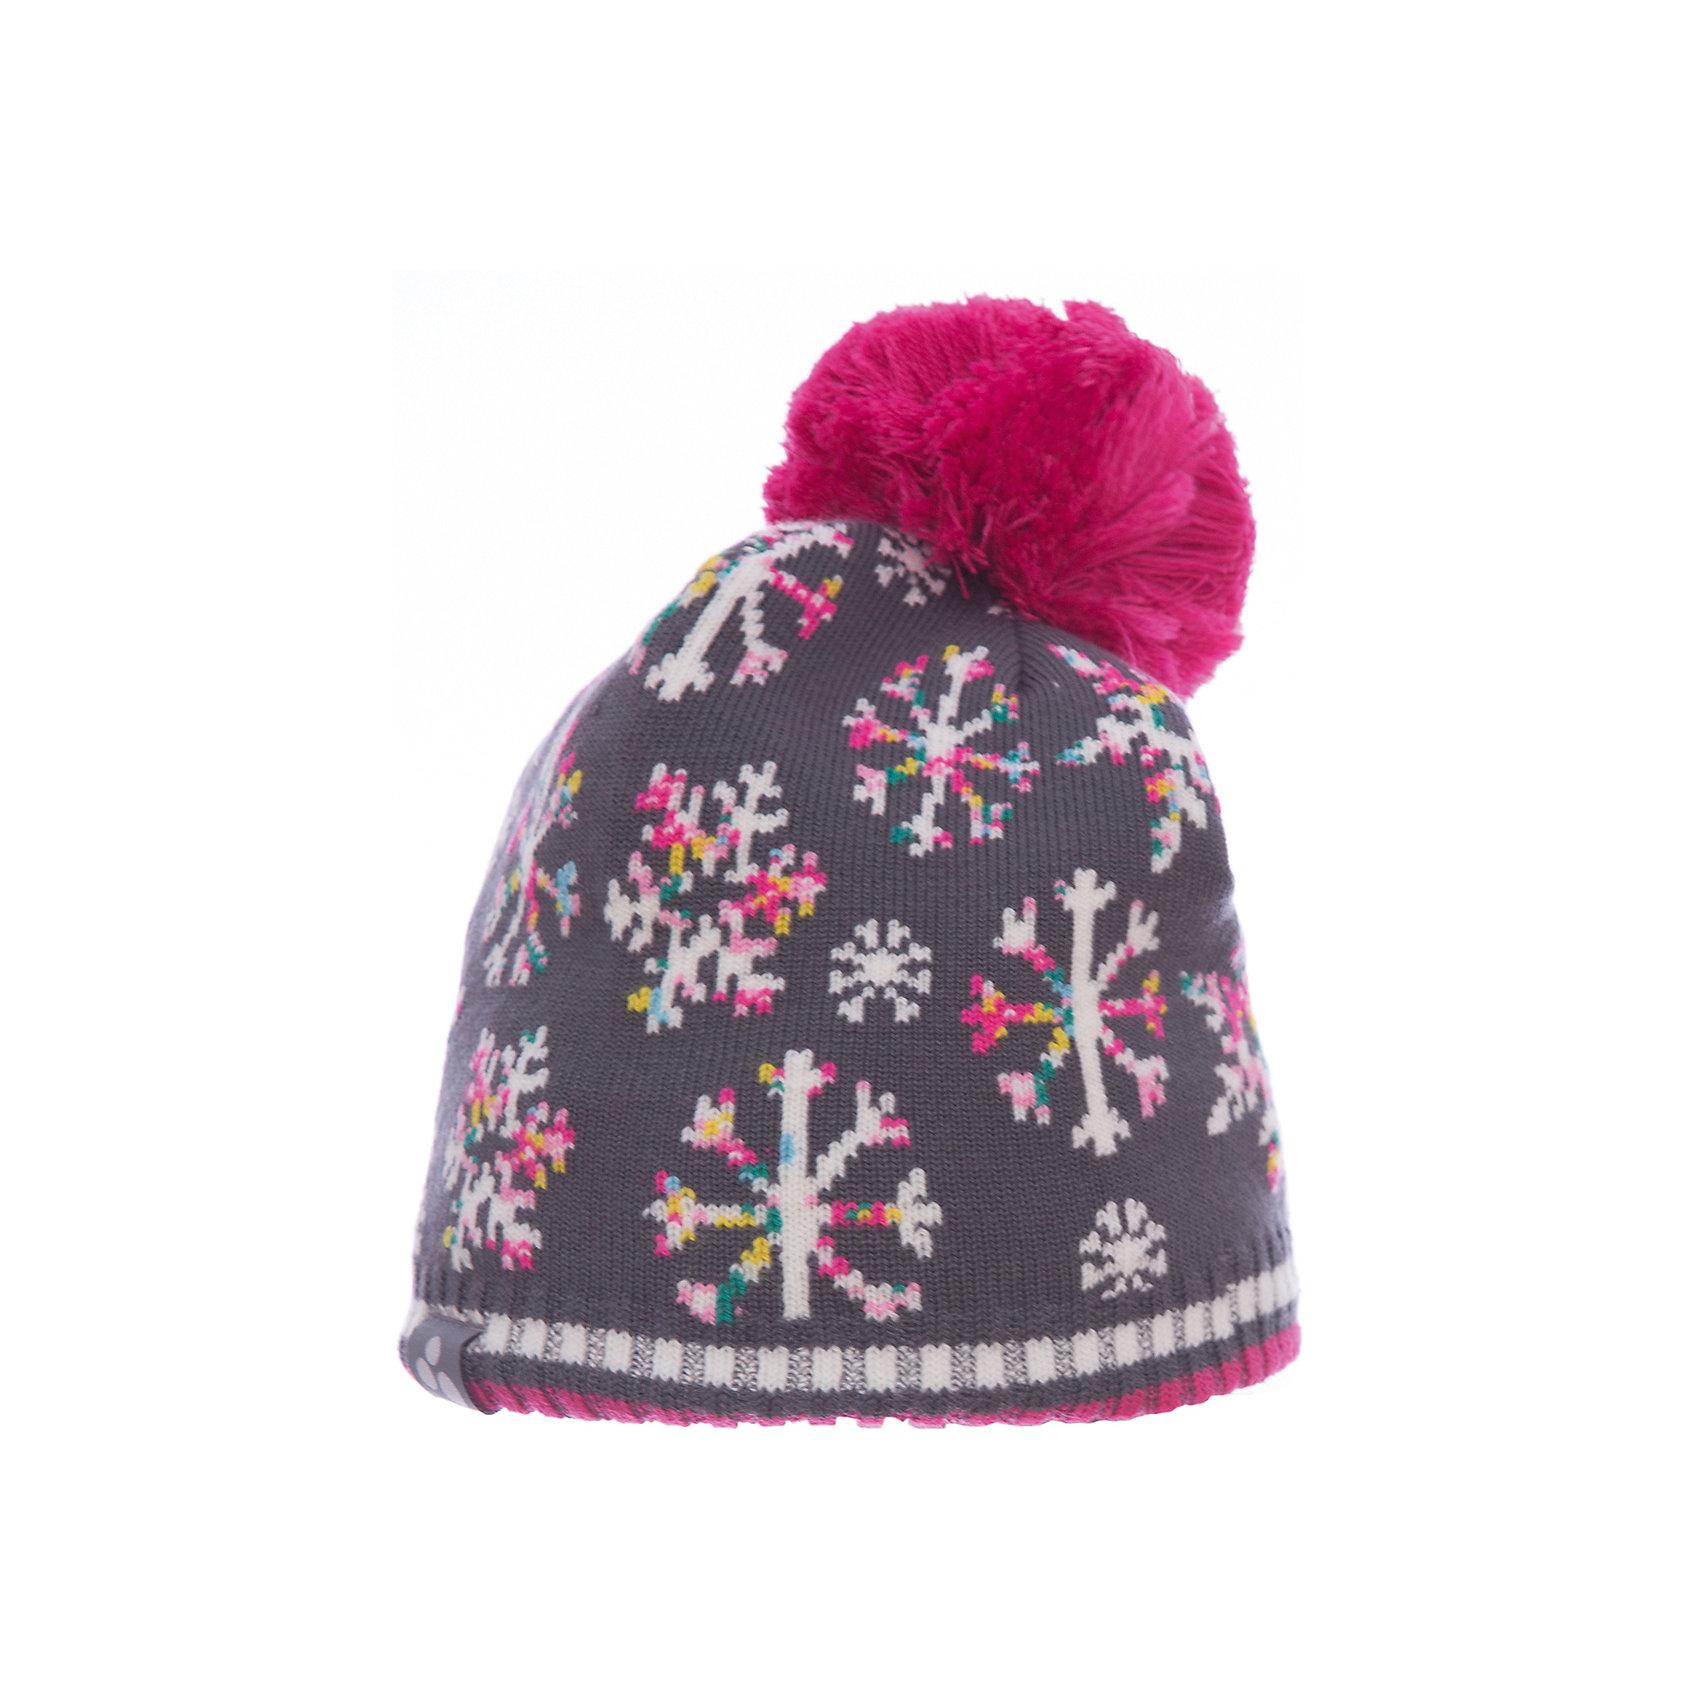 Шапка FLAKE HuppaГоловные уборы<br>Вязаная детская шапка FLAKE.Теплая яркая вязанная шапочка c помпоном, прекрассно подойдет для повседневных прогулок в холодную погоду.<br>Состав:<br>50% мерс.шерсть, 50% акрил<br><br>Ширина мм: 89<br>Глубина мм: 117<br>Высота мм: 44<br>Вес г: 155<br>Цвет: серый<br>Возраст от месяцев: 72<br>Возраст до месяцев: 132<br>Пол: Унисекс<br>Возраст: Детский<br>Размер: 55-57,51-53,47-49,57-59<br>SKU: 7023971